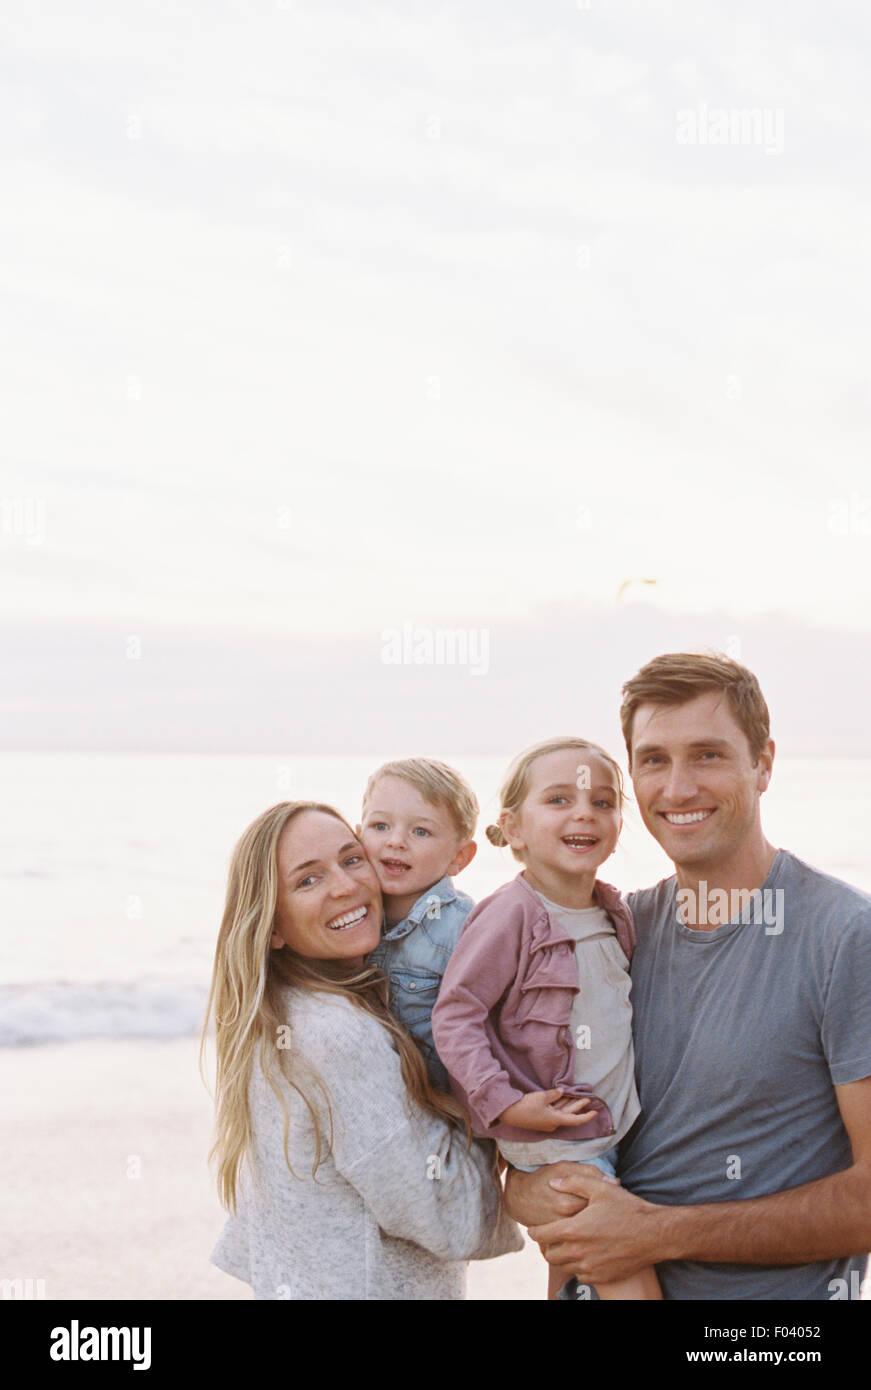 Par de pie con su hijo e hija en una playa de arena a la orilla del mar, mirando a la cámara, sonriendo. Imagen De Stock